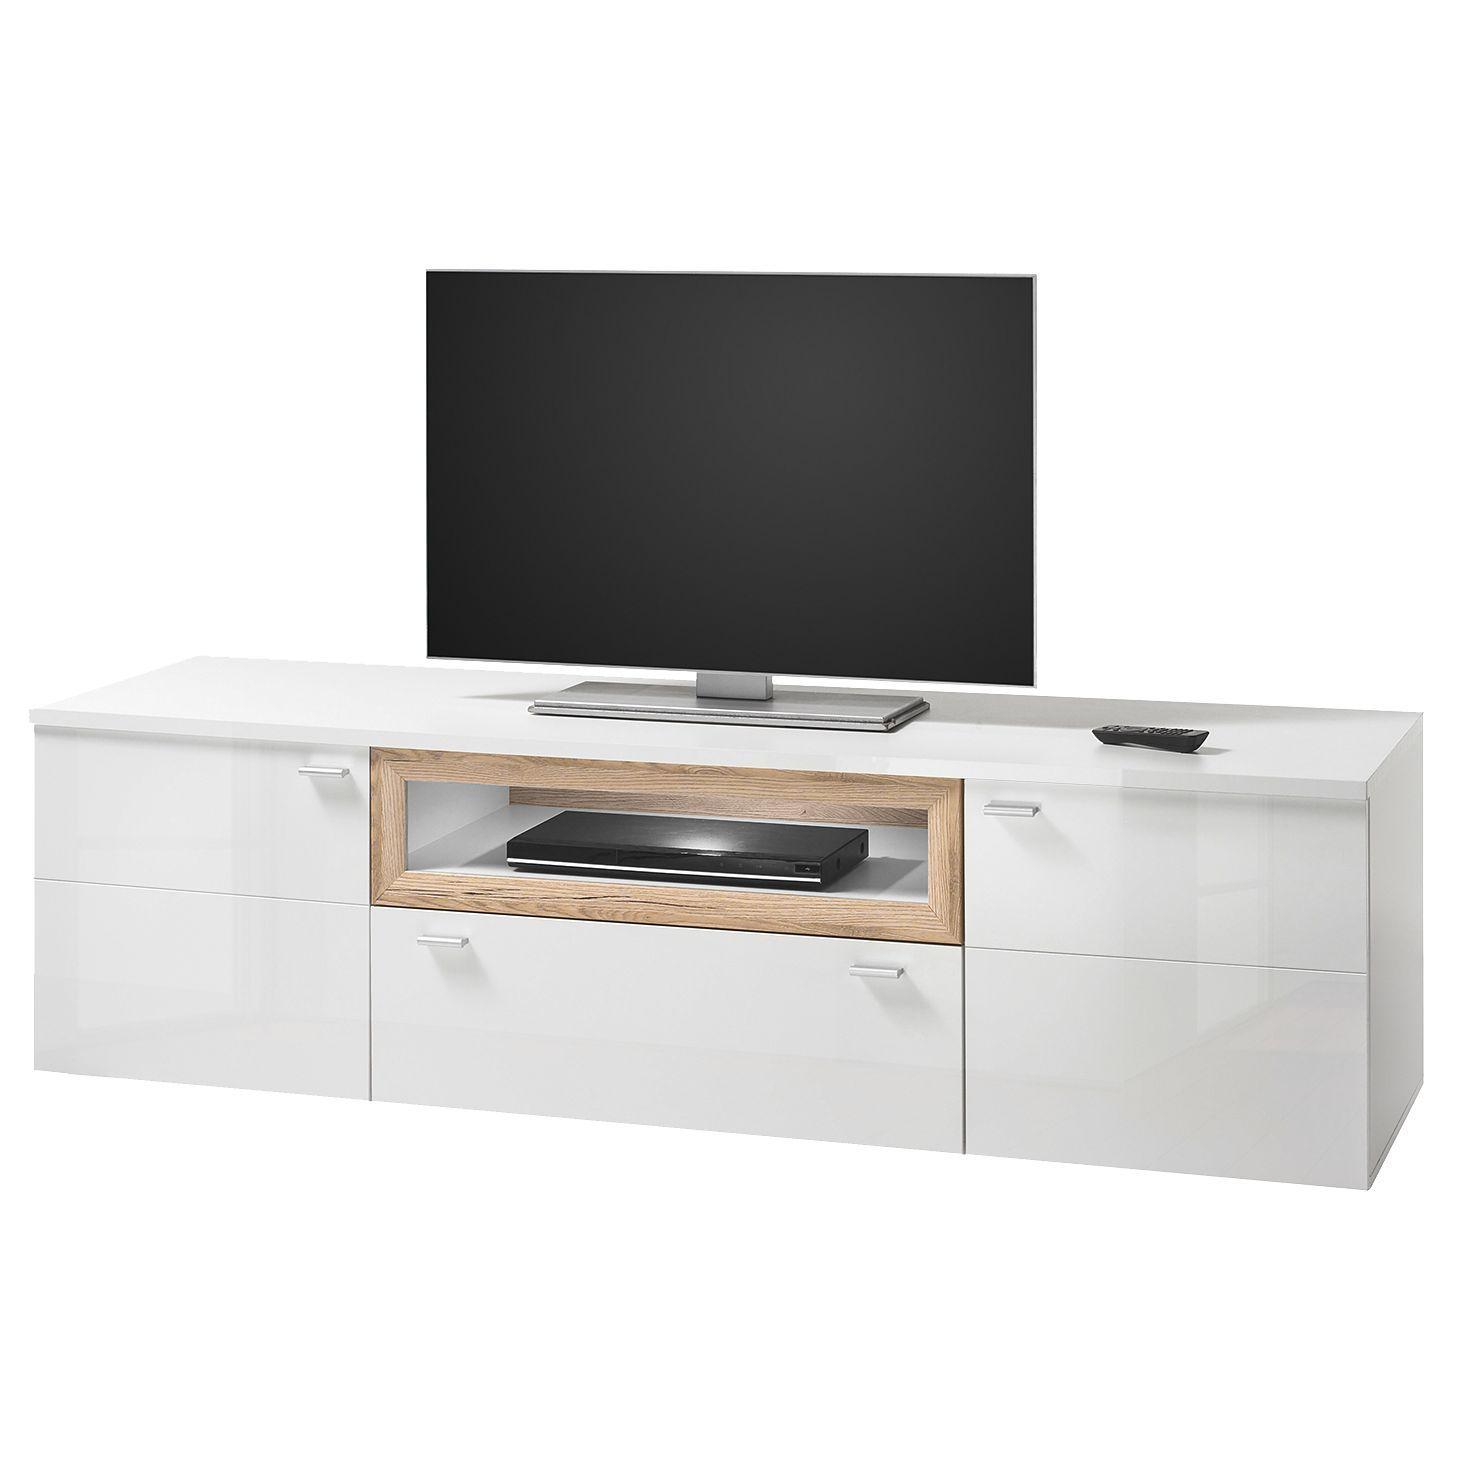 Ansprechend Tv Tisch Foto Von Wohnzimmermöbel Massiv Modern | Lowboard Schwarz Matt